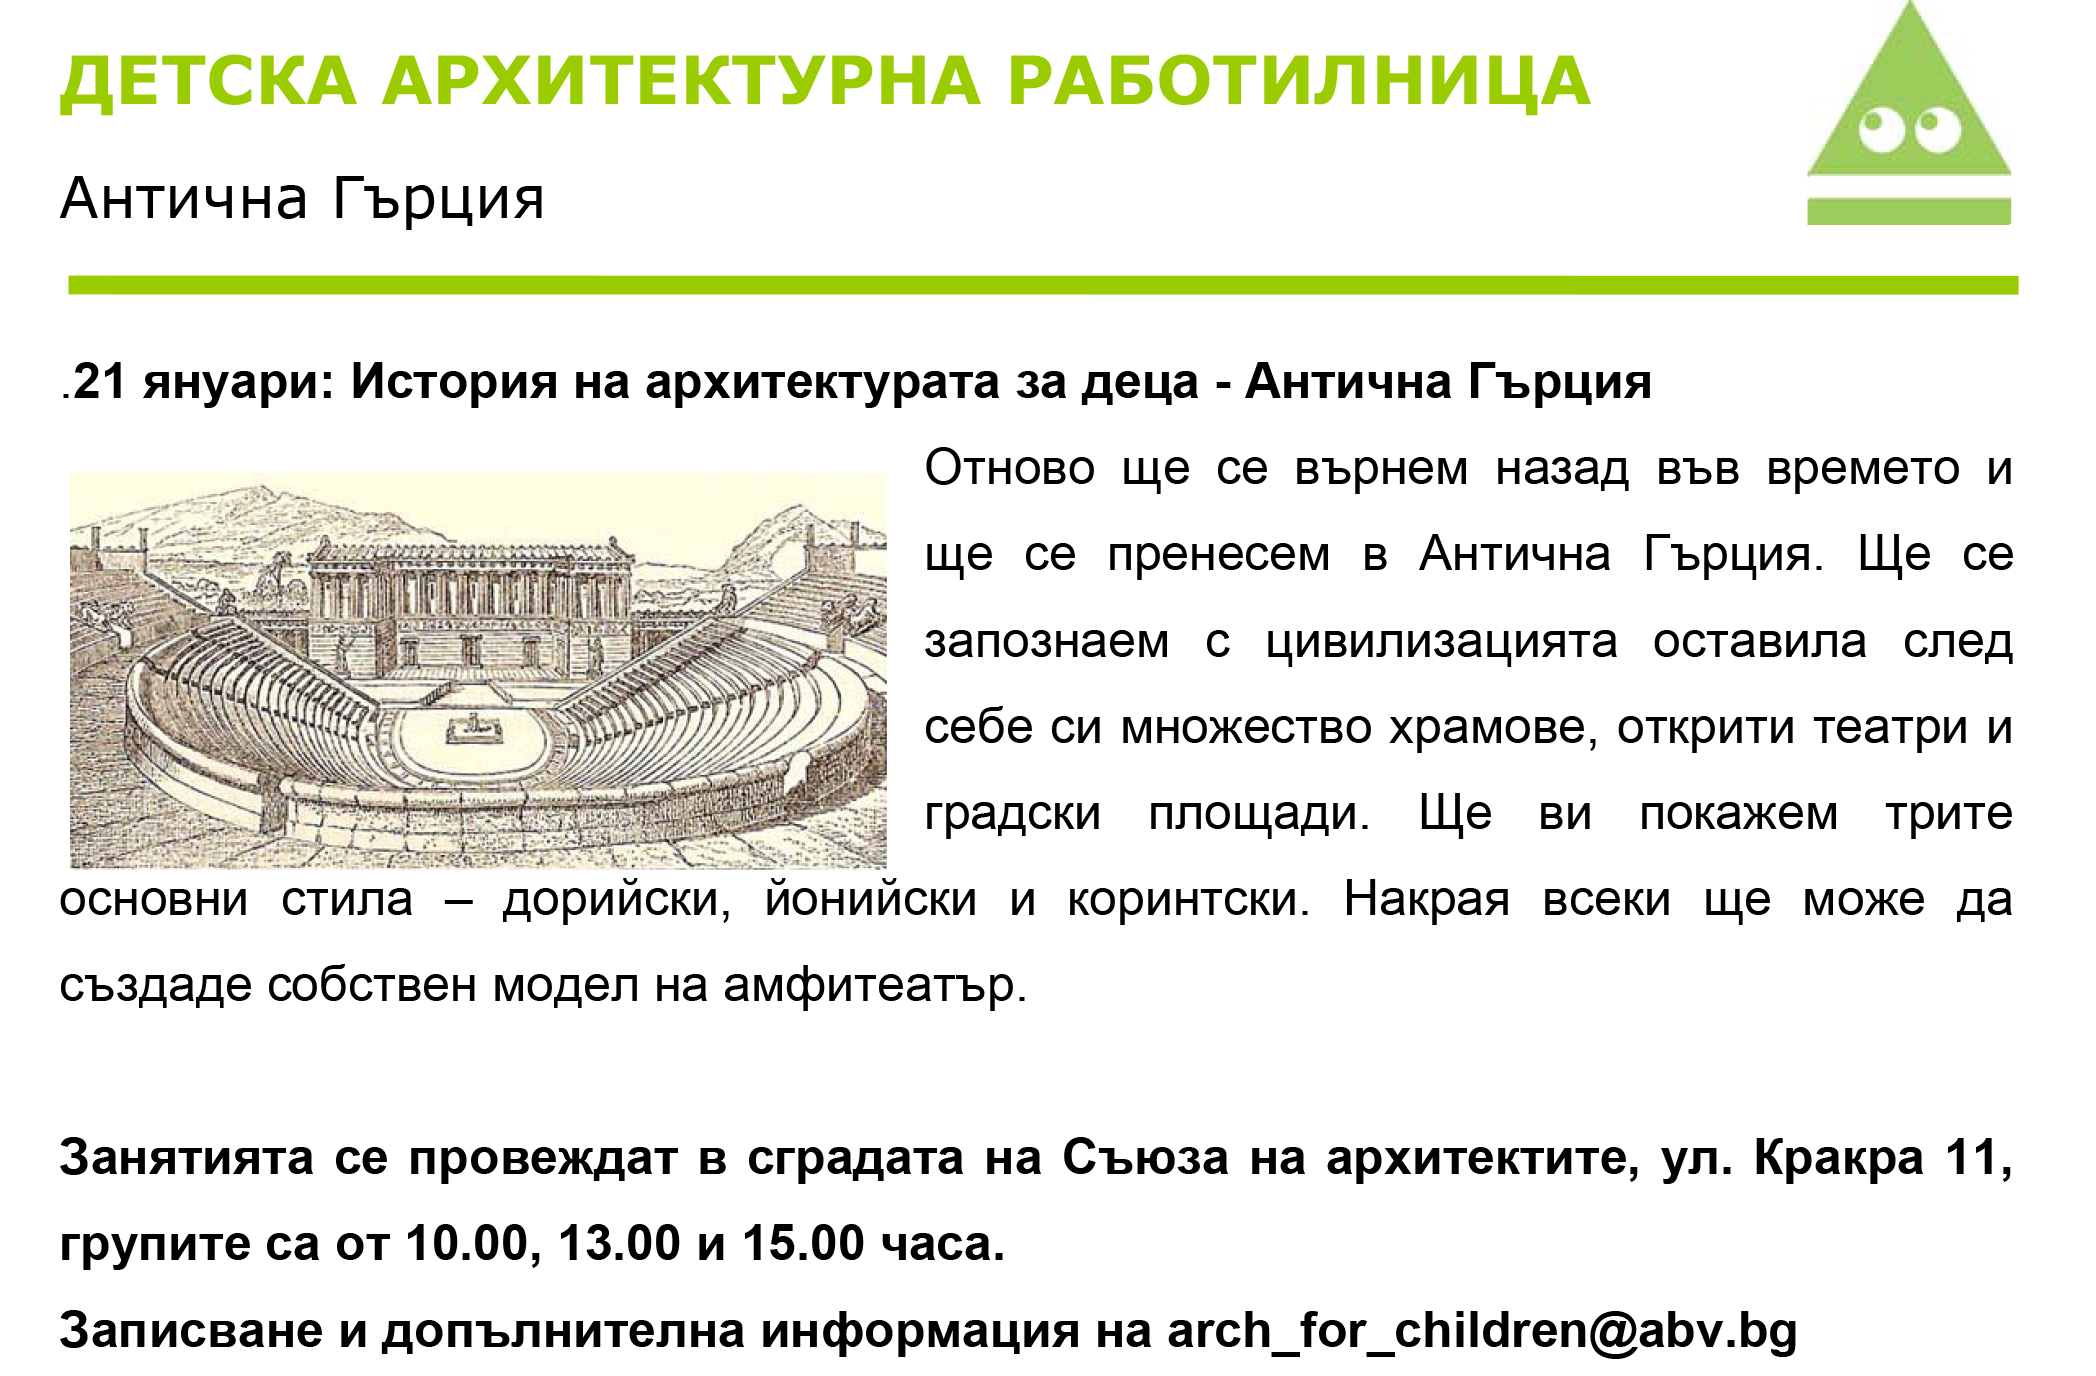 21 януари 2017г - История на архитектурата за деца - Антична Гърция